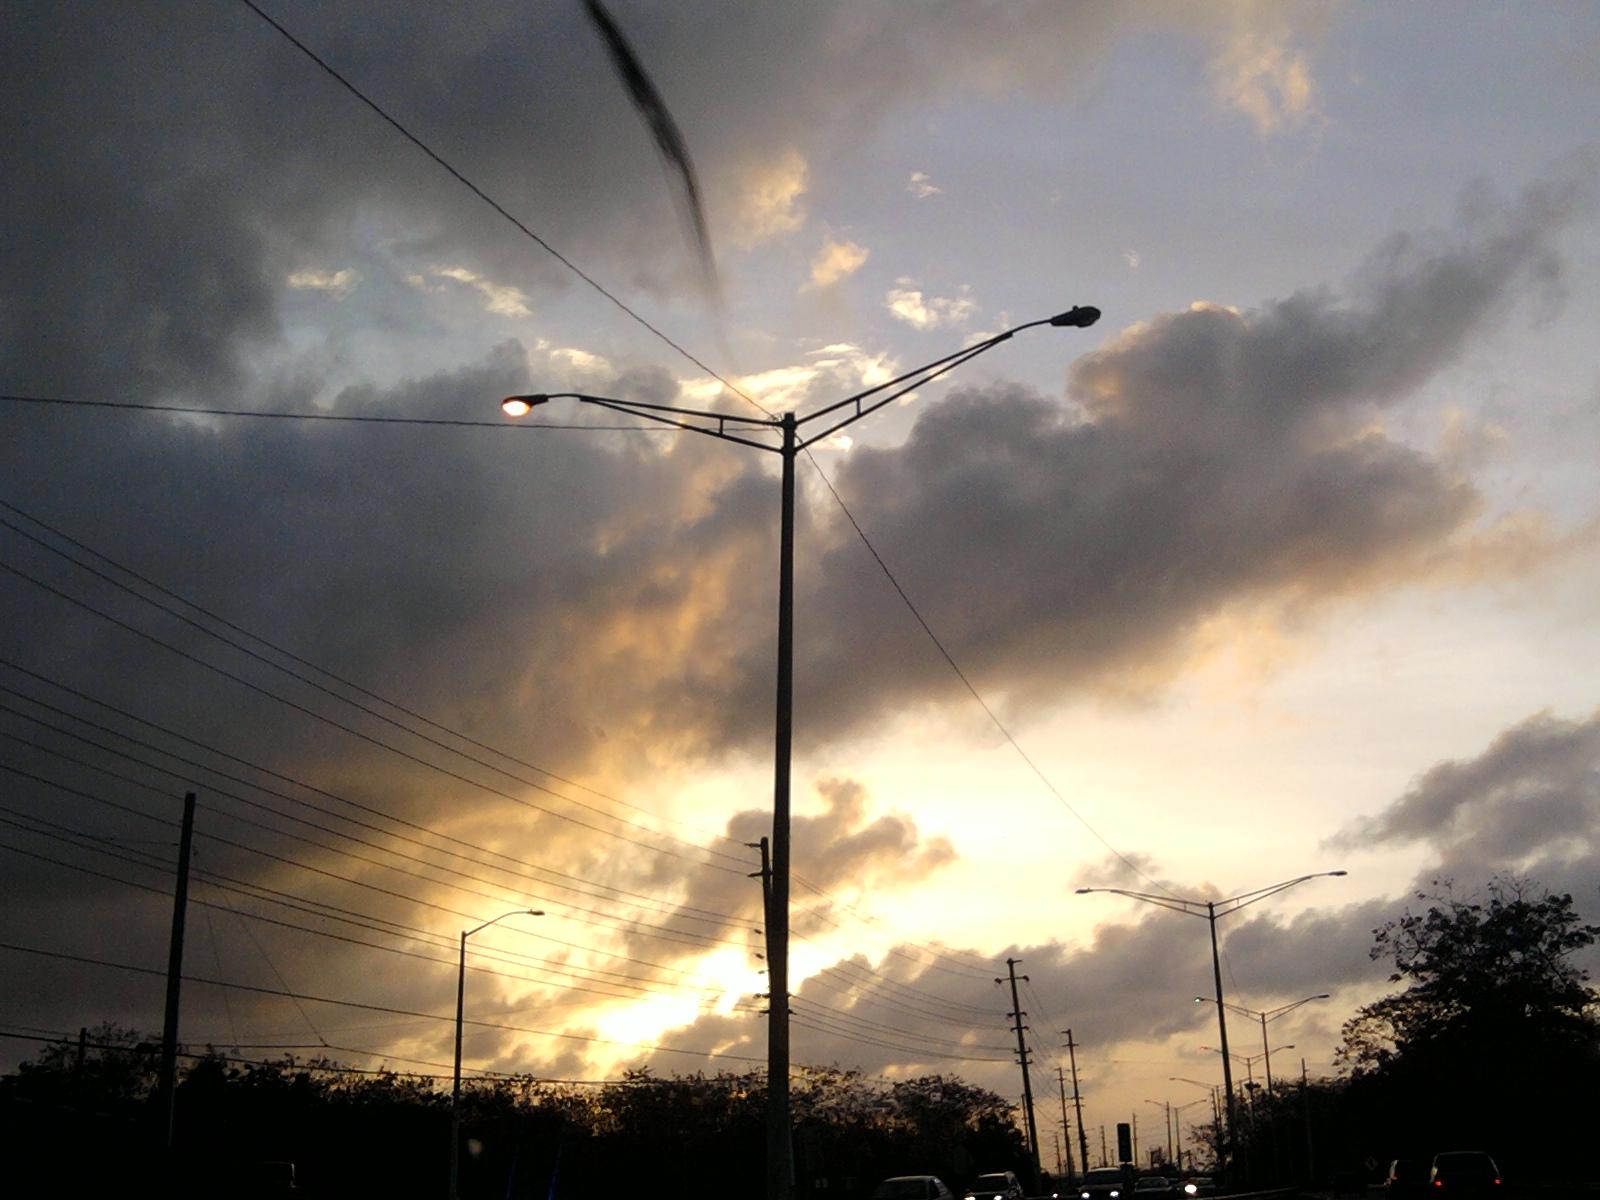 2012 : 05/01 Photo decouverte sur un forum de discussion (suite) - Page 3 53wep1